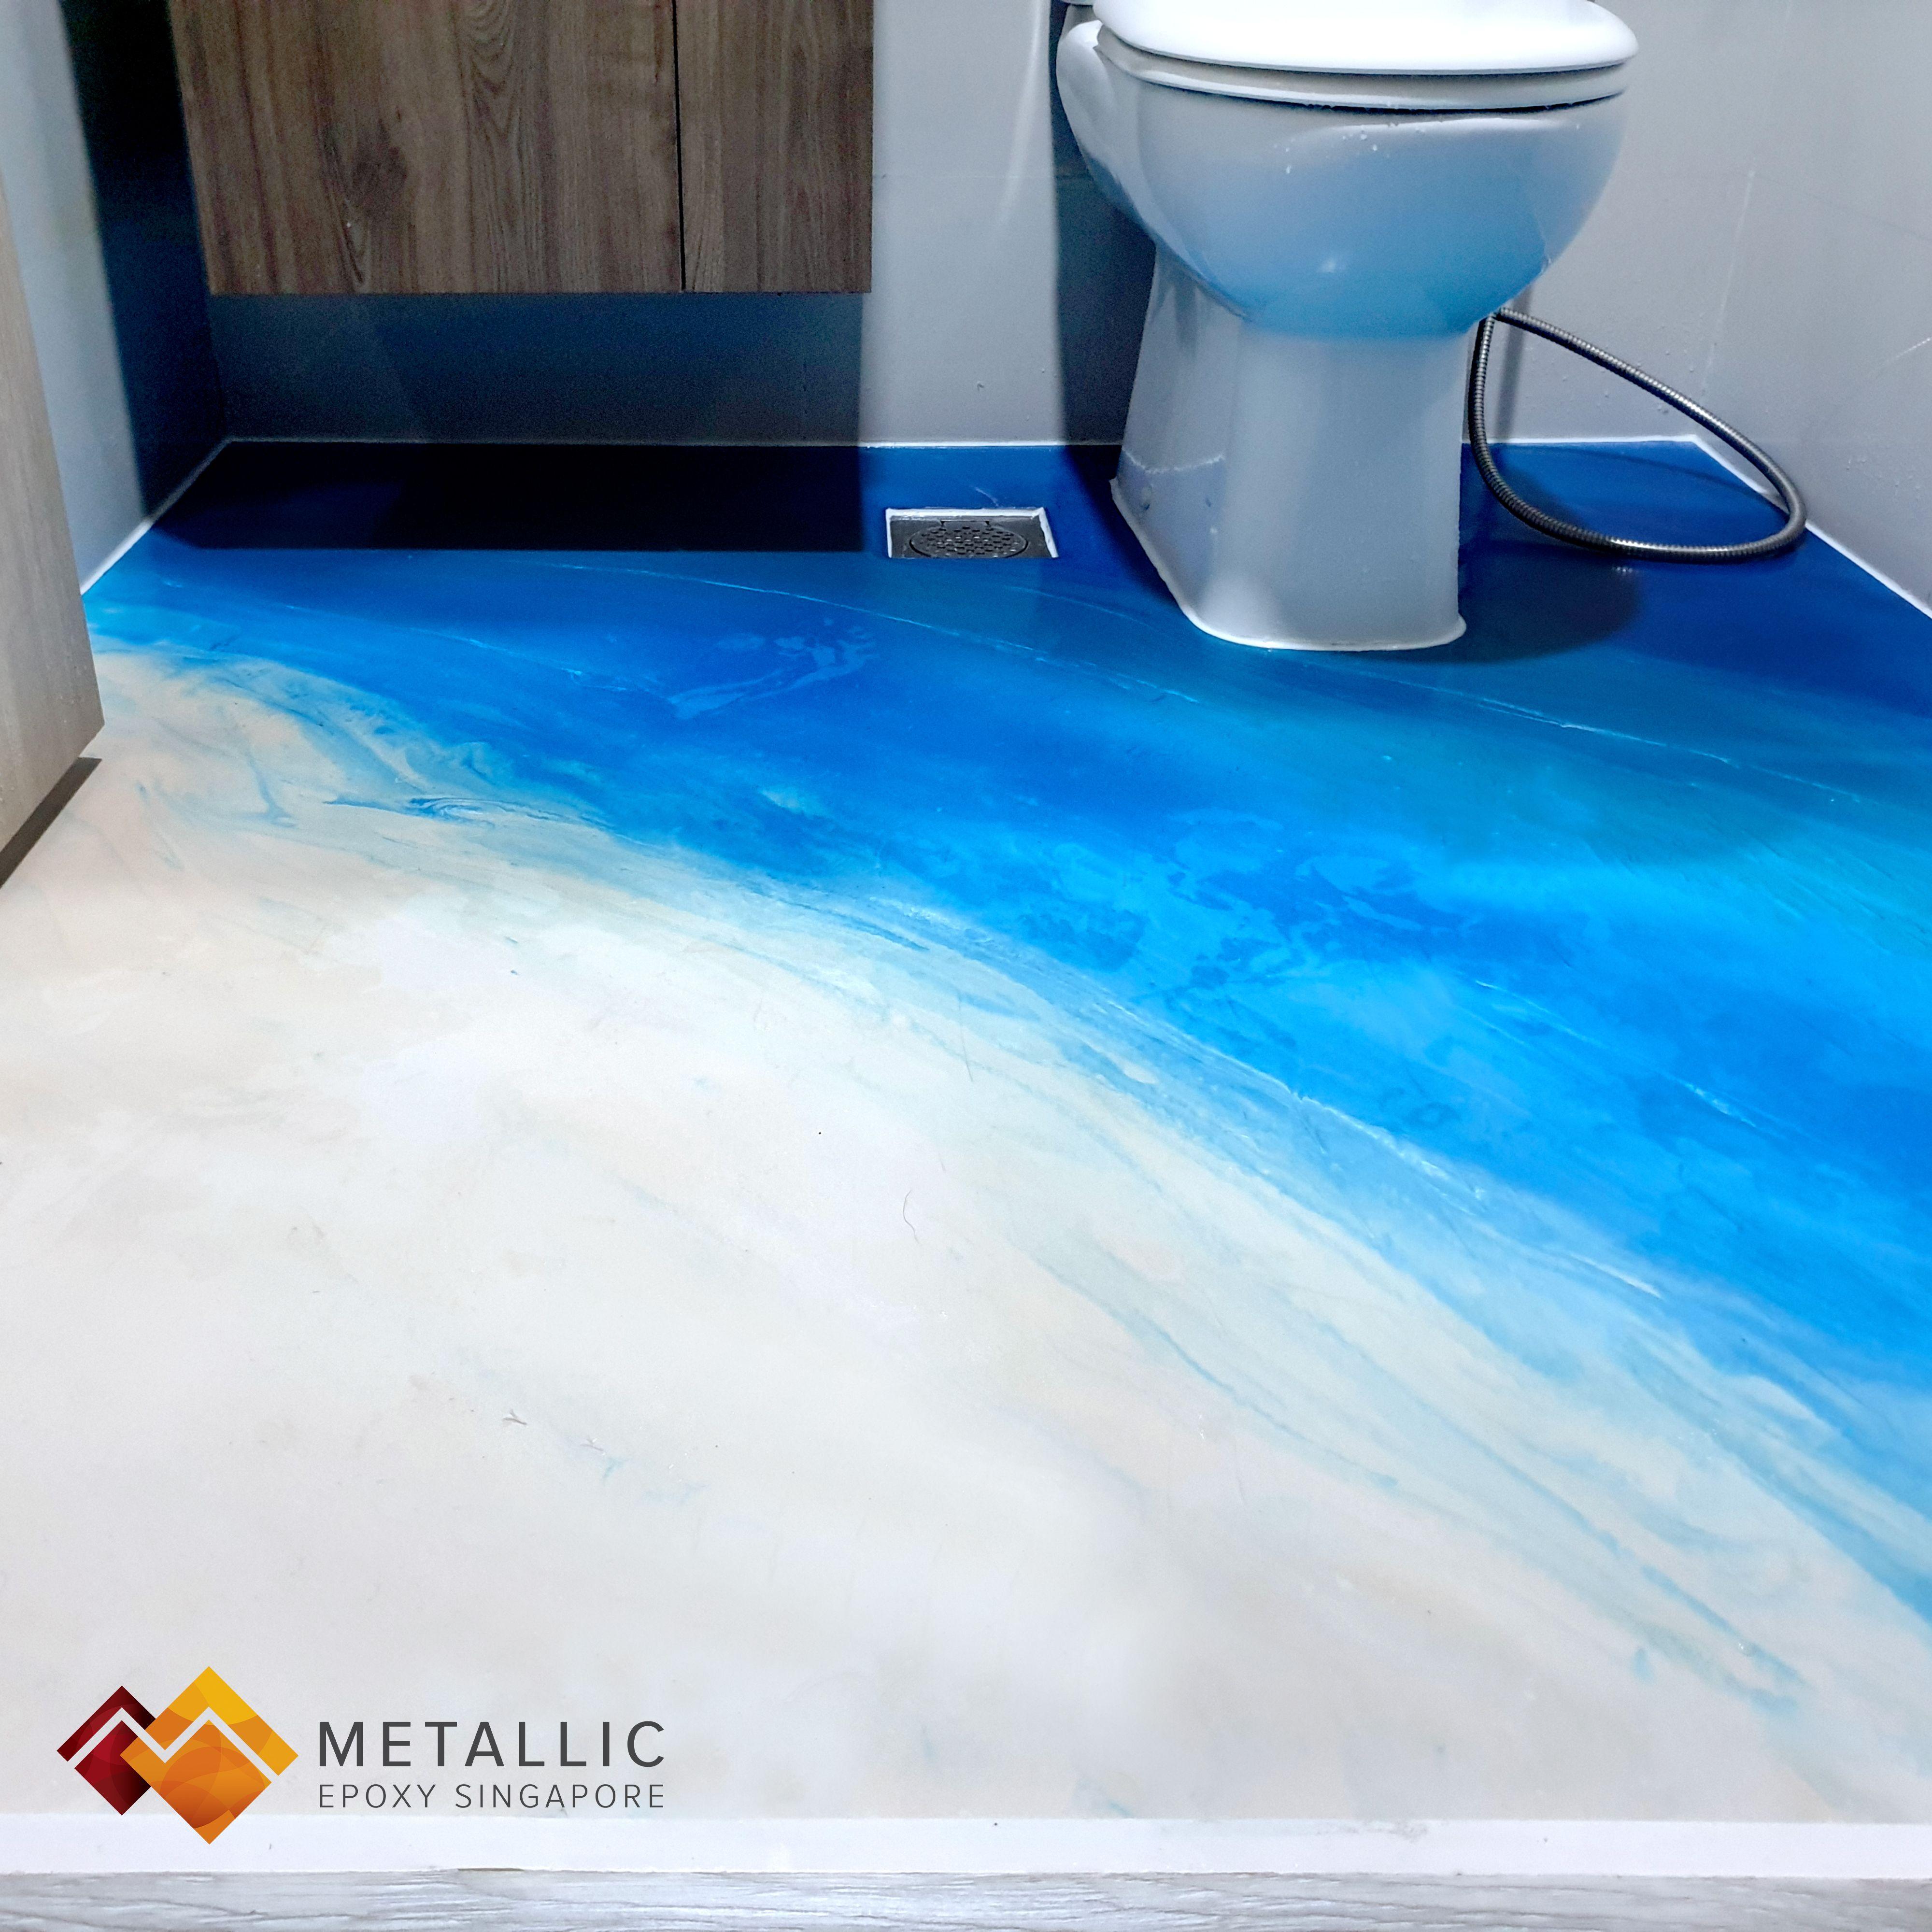 Metallic Epoxy Singapore Beach Theme Bathroom Floor Beach Theme Bathroom Bathroom Flooring Beach Themes